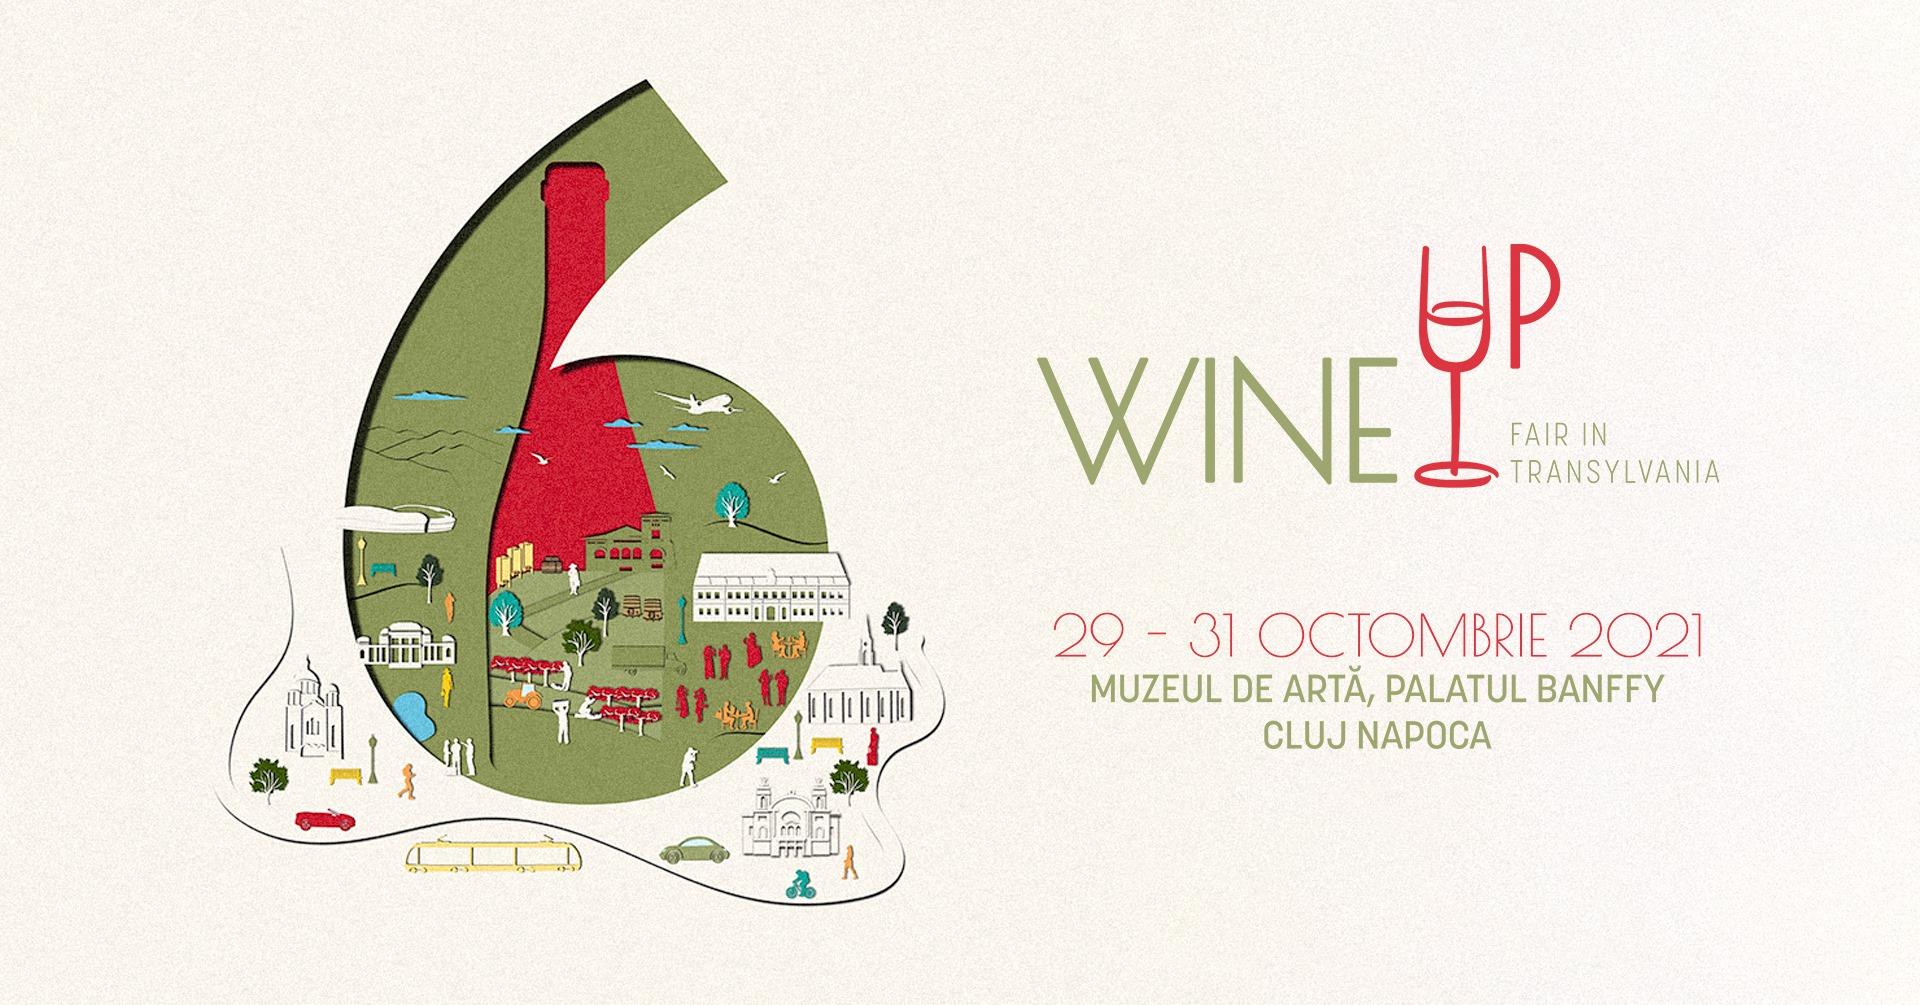 wineup fair